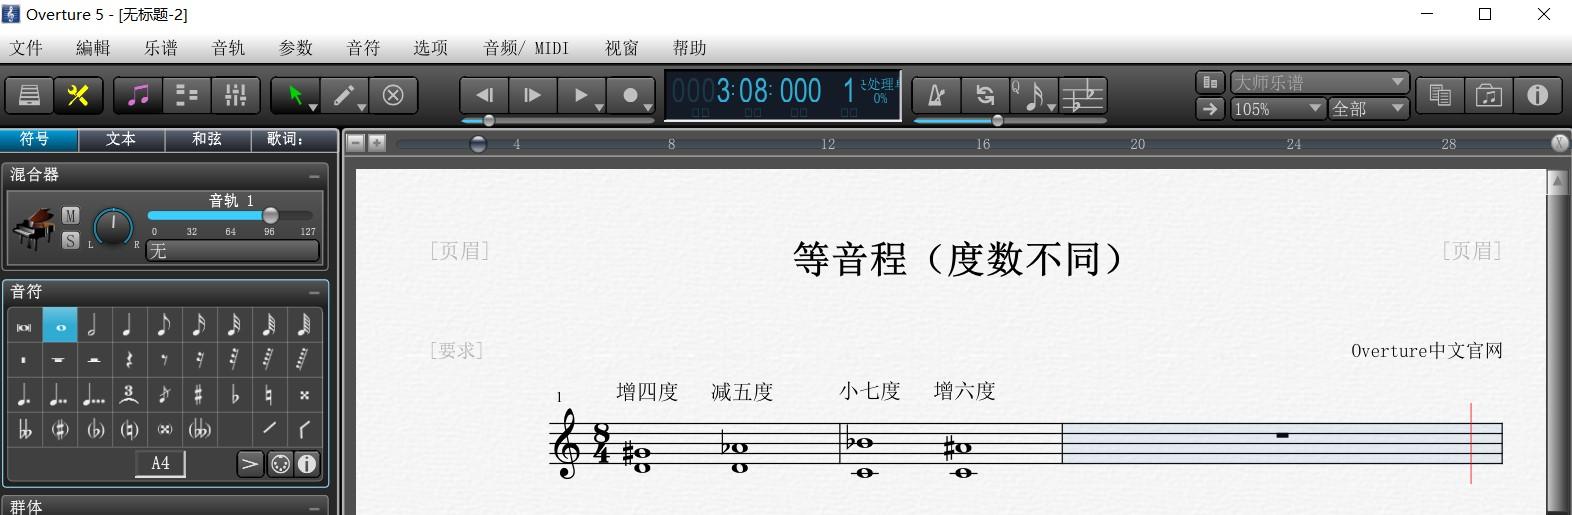 Overture五线谱中度数不同的等音程